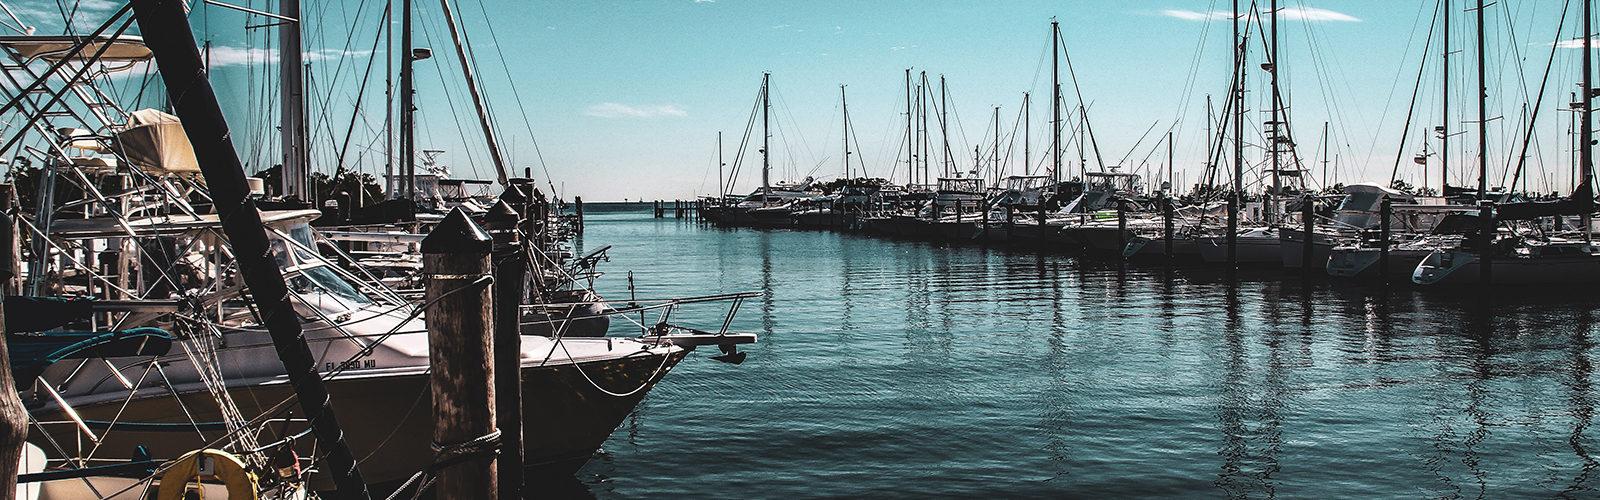 amarrer-bateau-eau-salee-floride